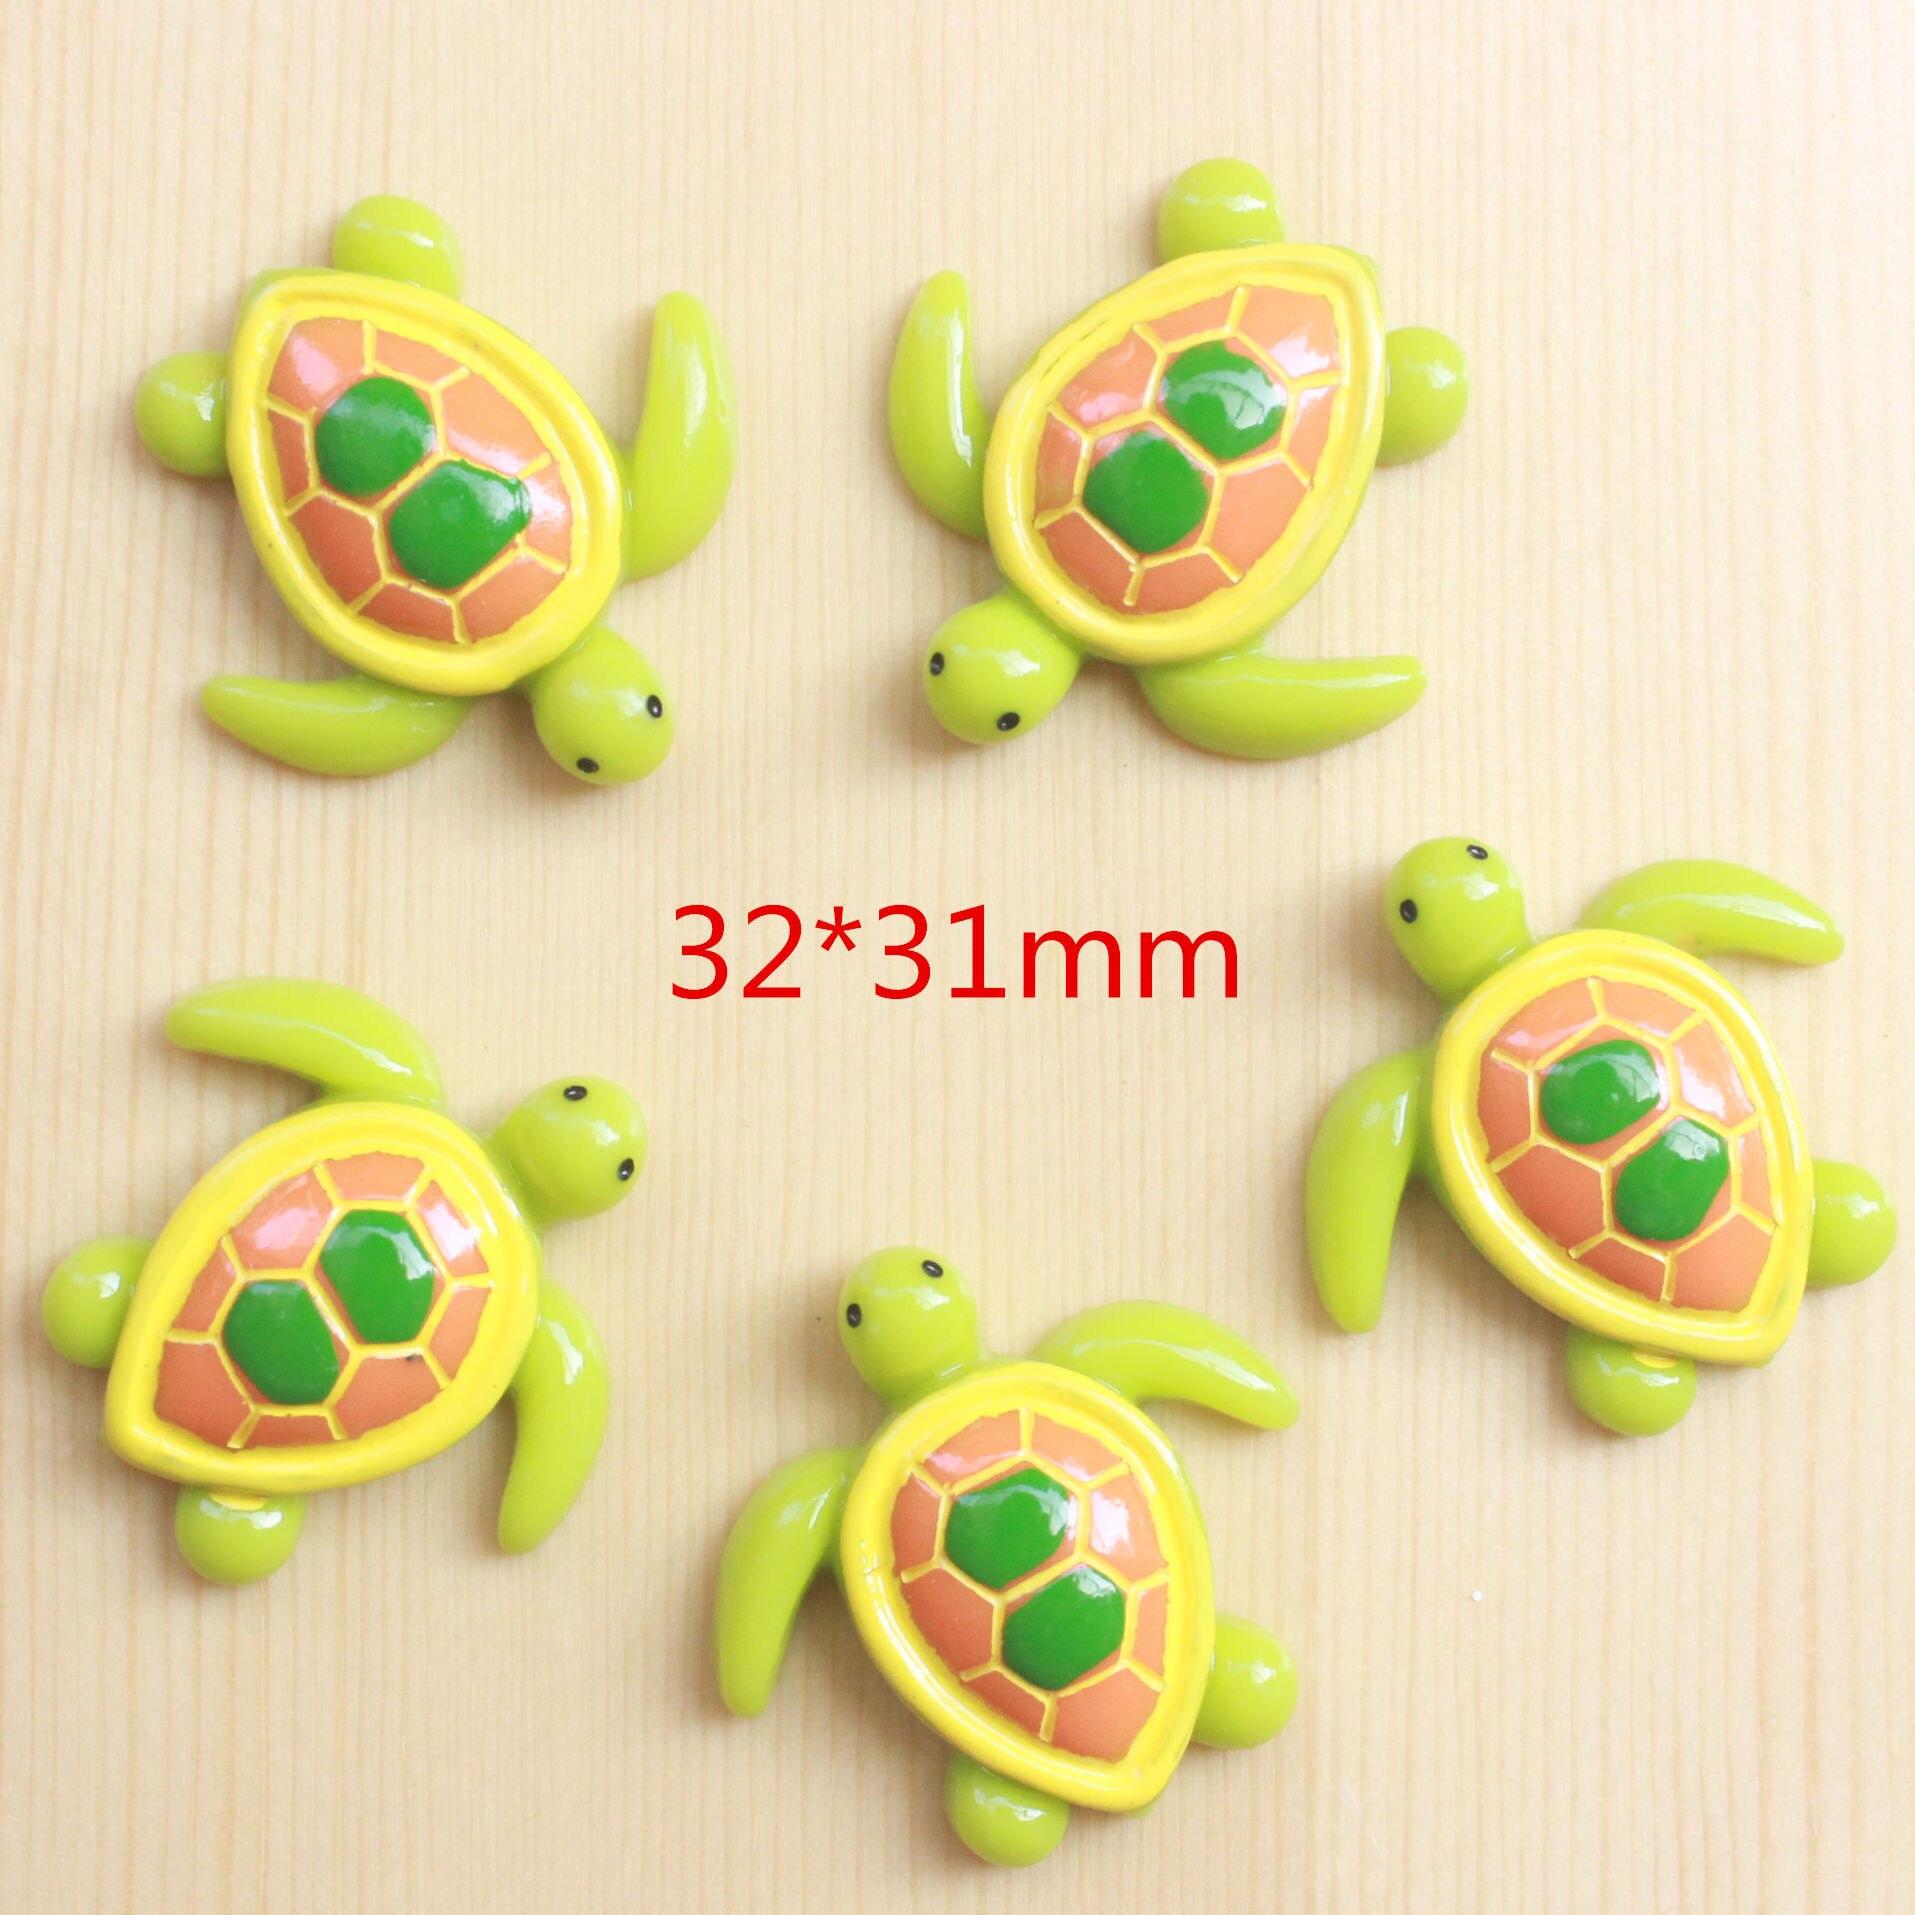 10 Uds. Cabujones de resina con respaldo plano de tortuga bonita de dibujos animados para niños, lazos para el pelo, decoración con adornos Diy para manualidades